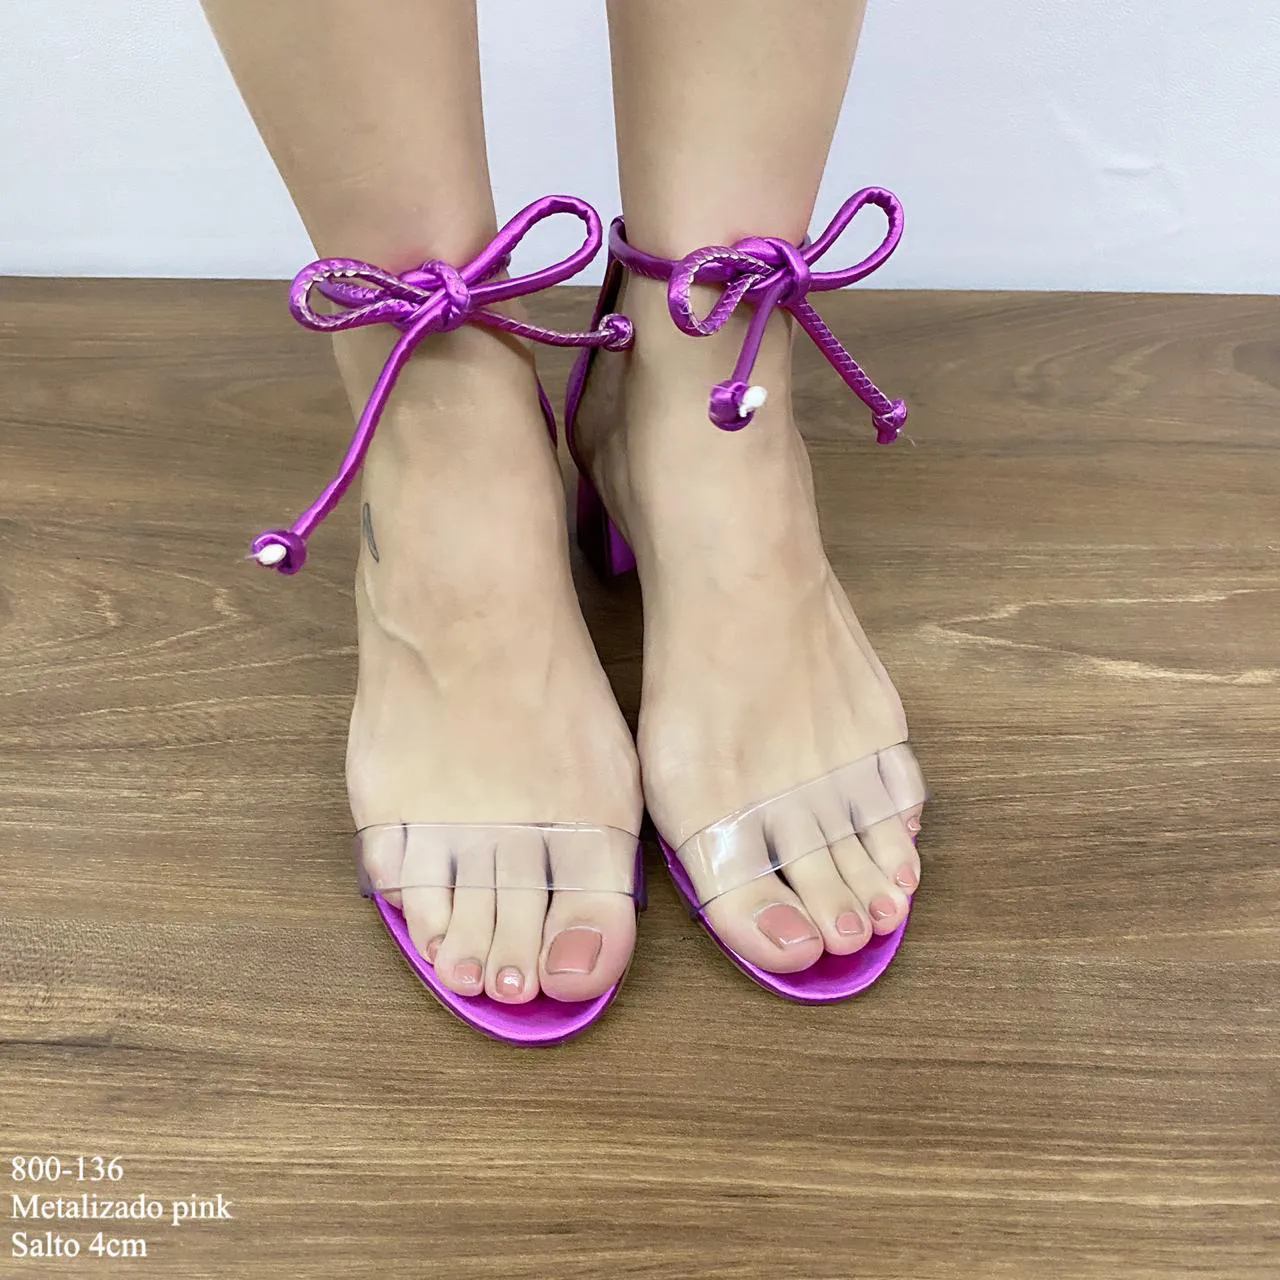 Sandália Metalizado Pink Amarração Salto Bloco | D-800-136